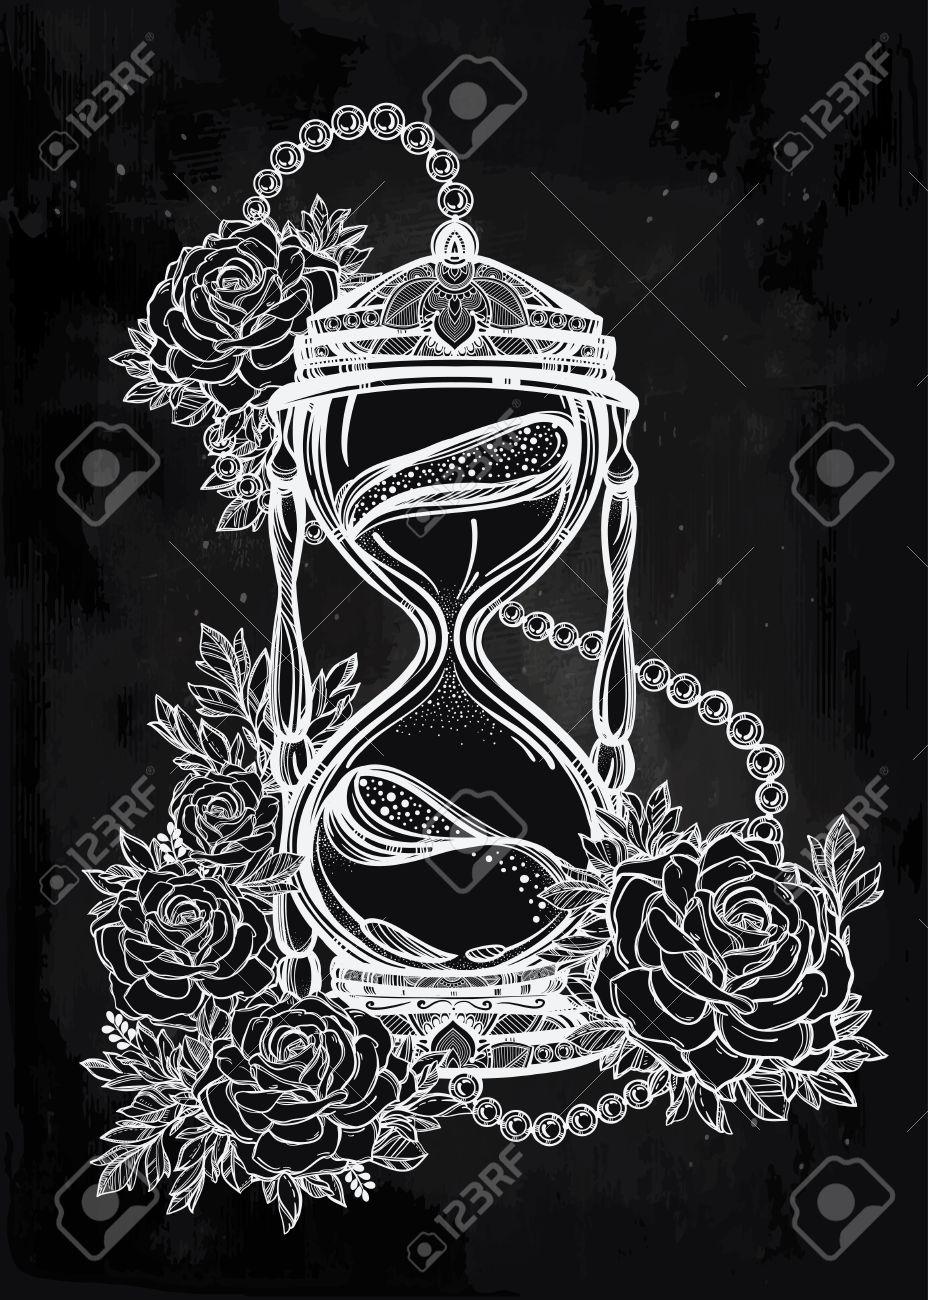 Sanduhr gezeichnet tattoo  Hand Gezeichnet Romantische Schöne Zeichnung Einer Sanduhr Mit ...